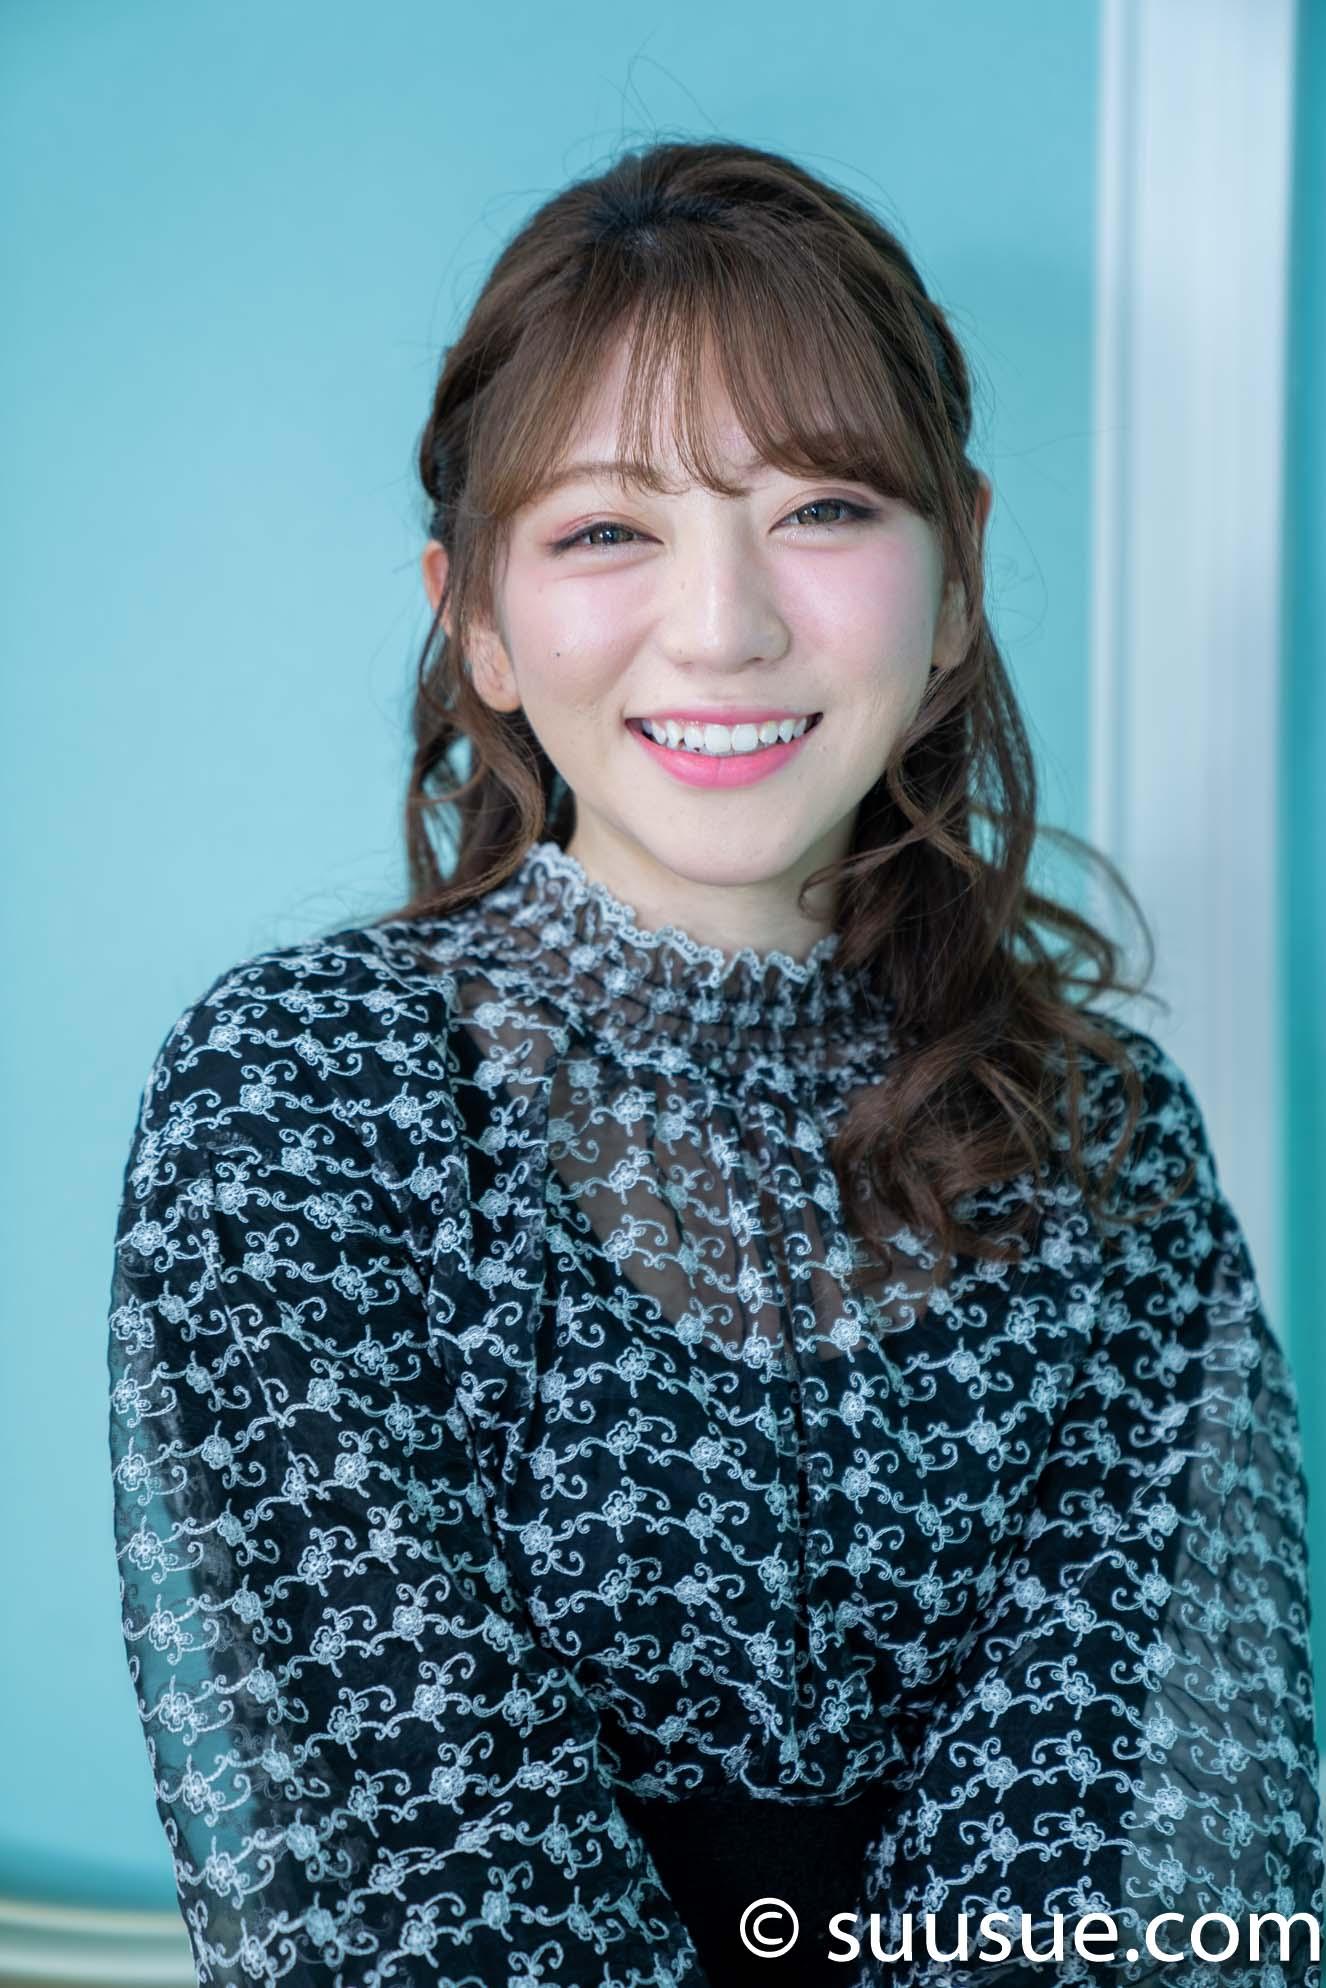 神尾美月 2019/02/10 NewType撮影会